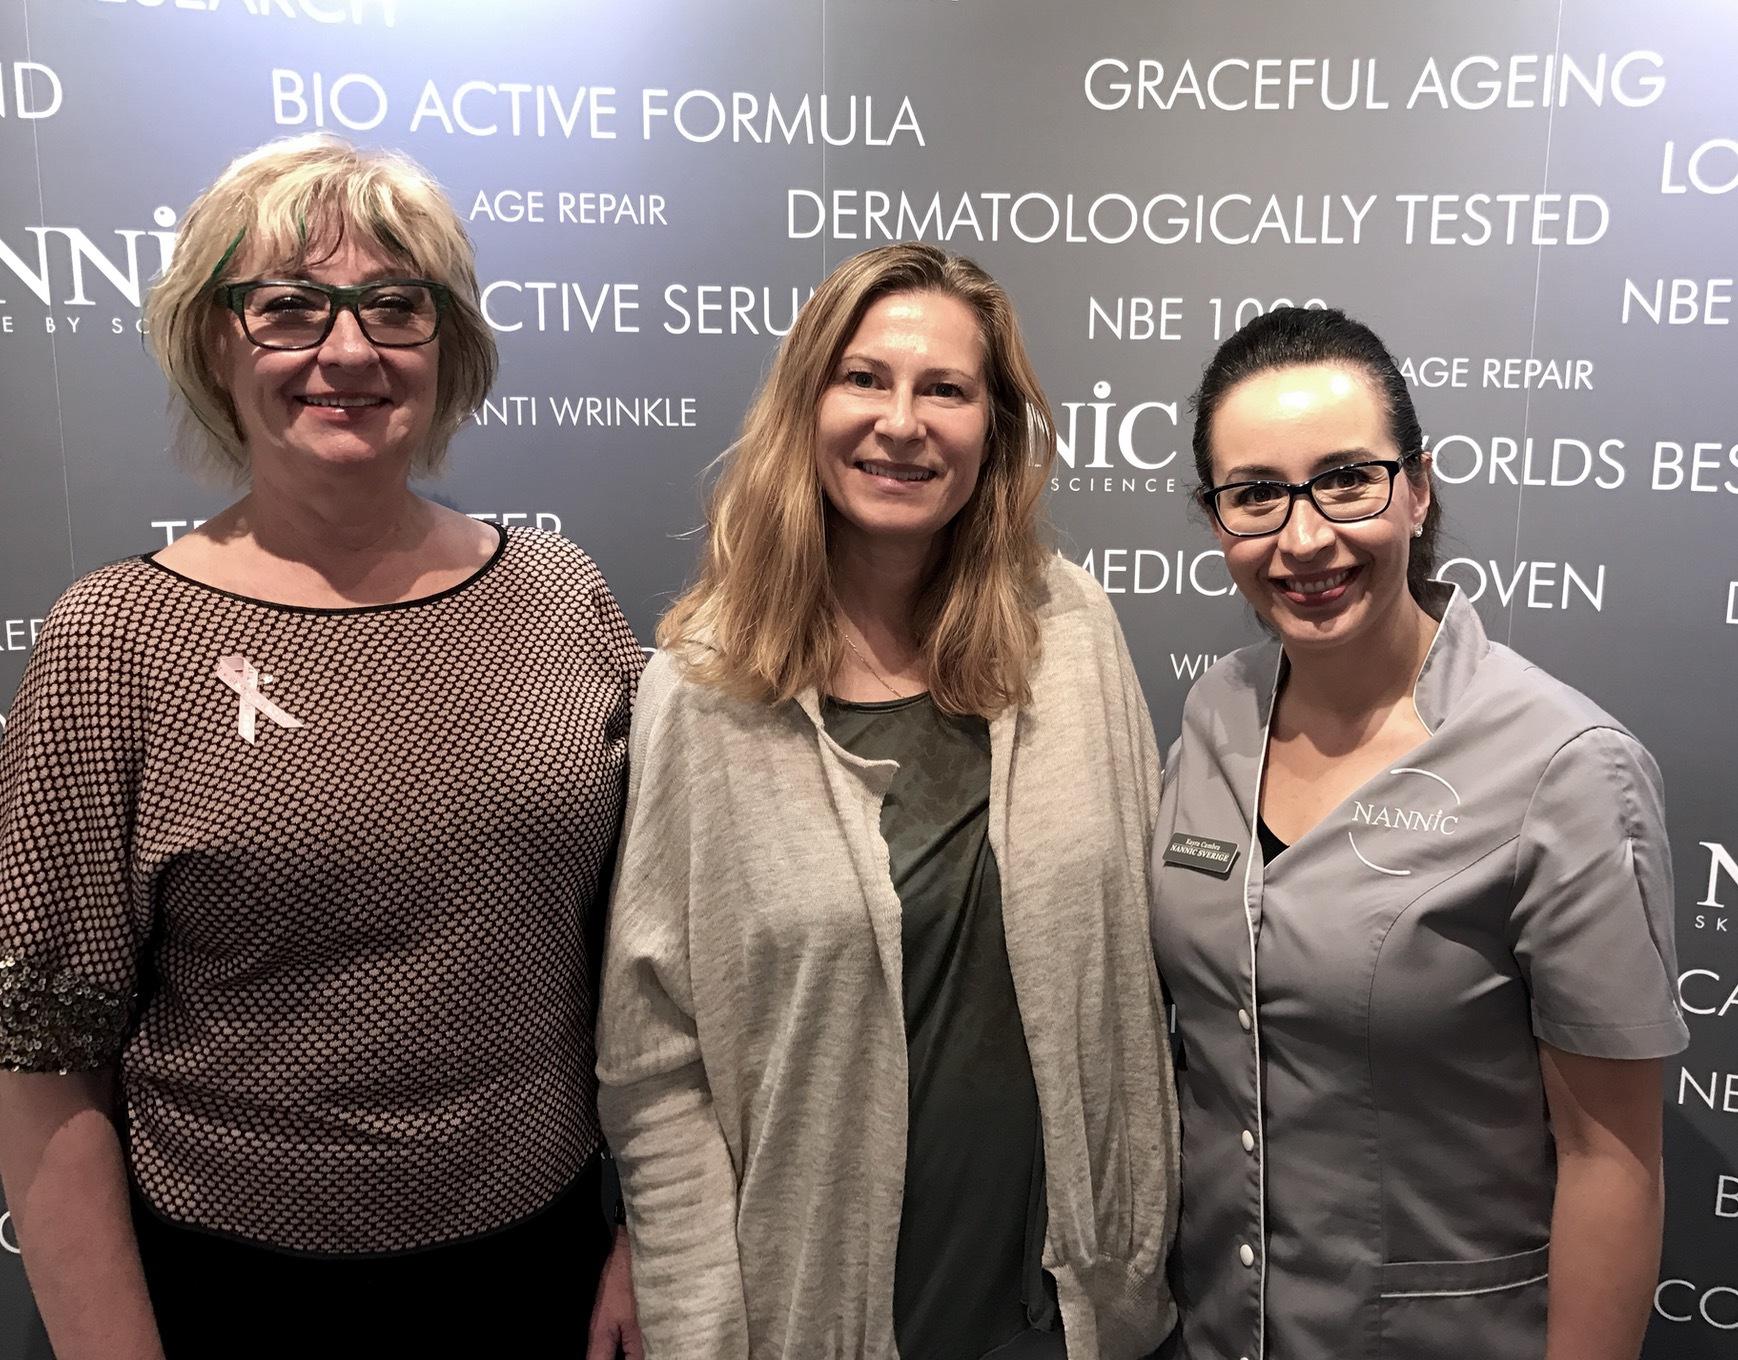 Ann Sundqvist till vänster är VD på Nannic Sverige och var den som tog metoden till Sverige 2009. Nu finns Nannic i 32 länder.